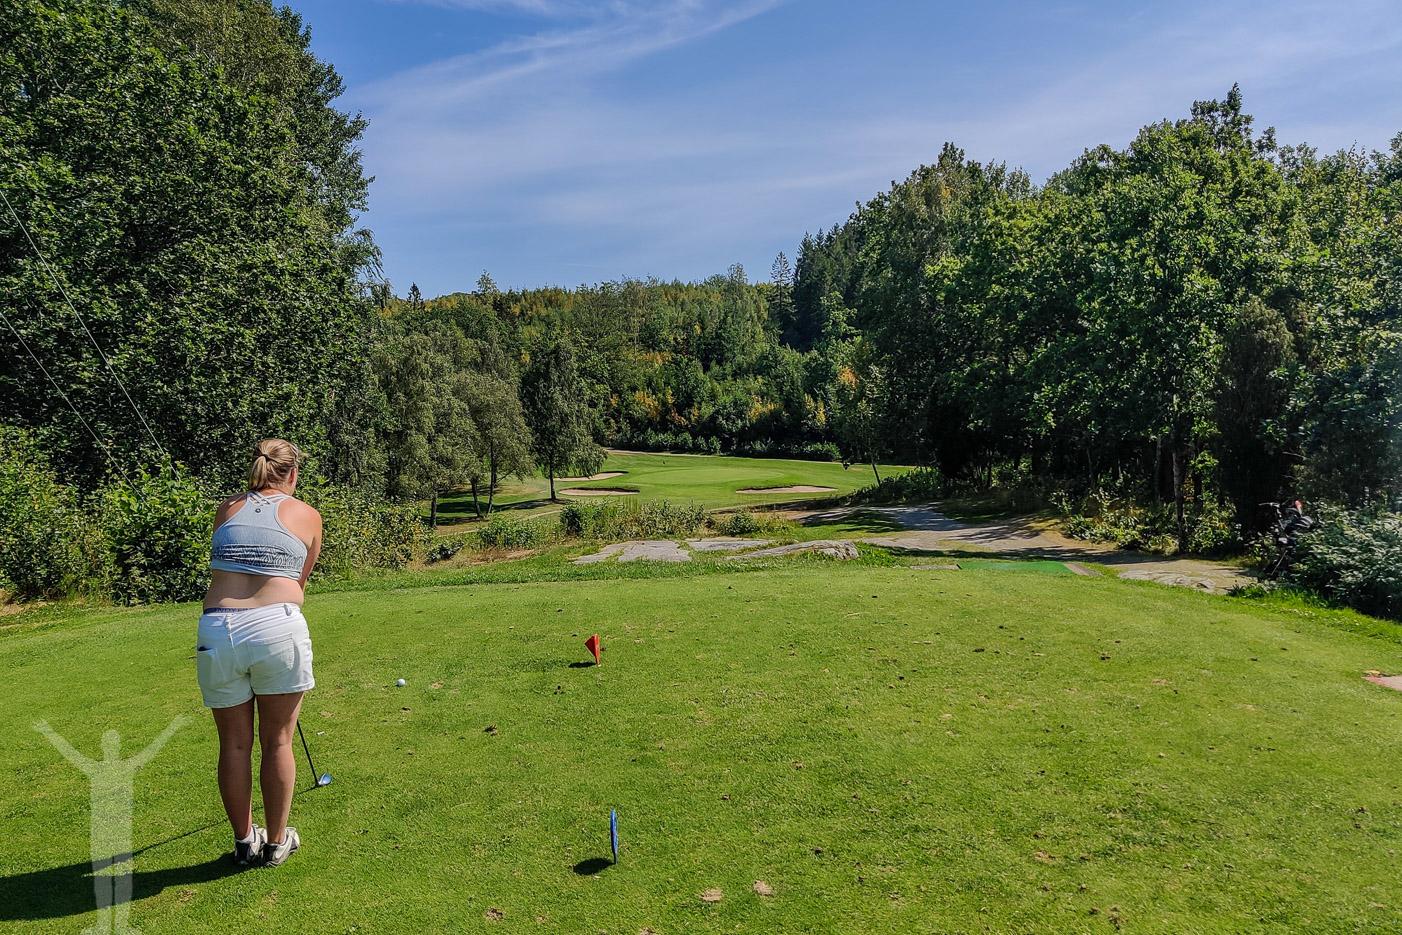 16:e tee på Torreby Golfklubb, Munkedal